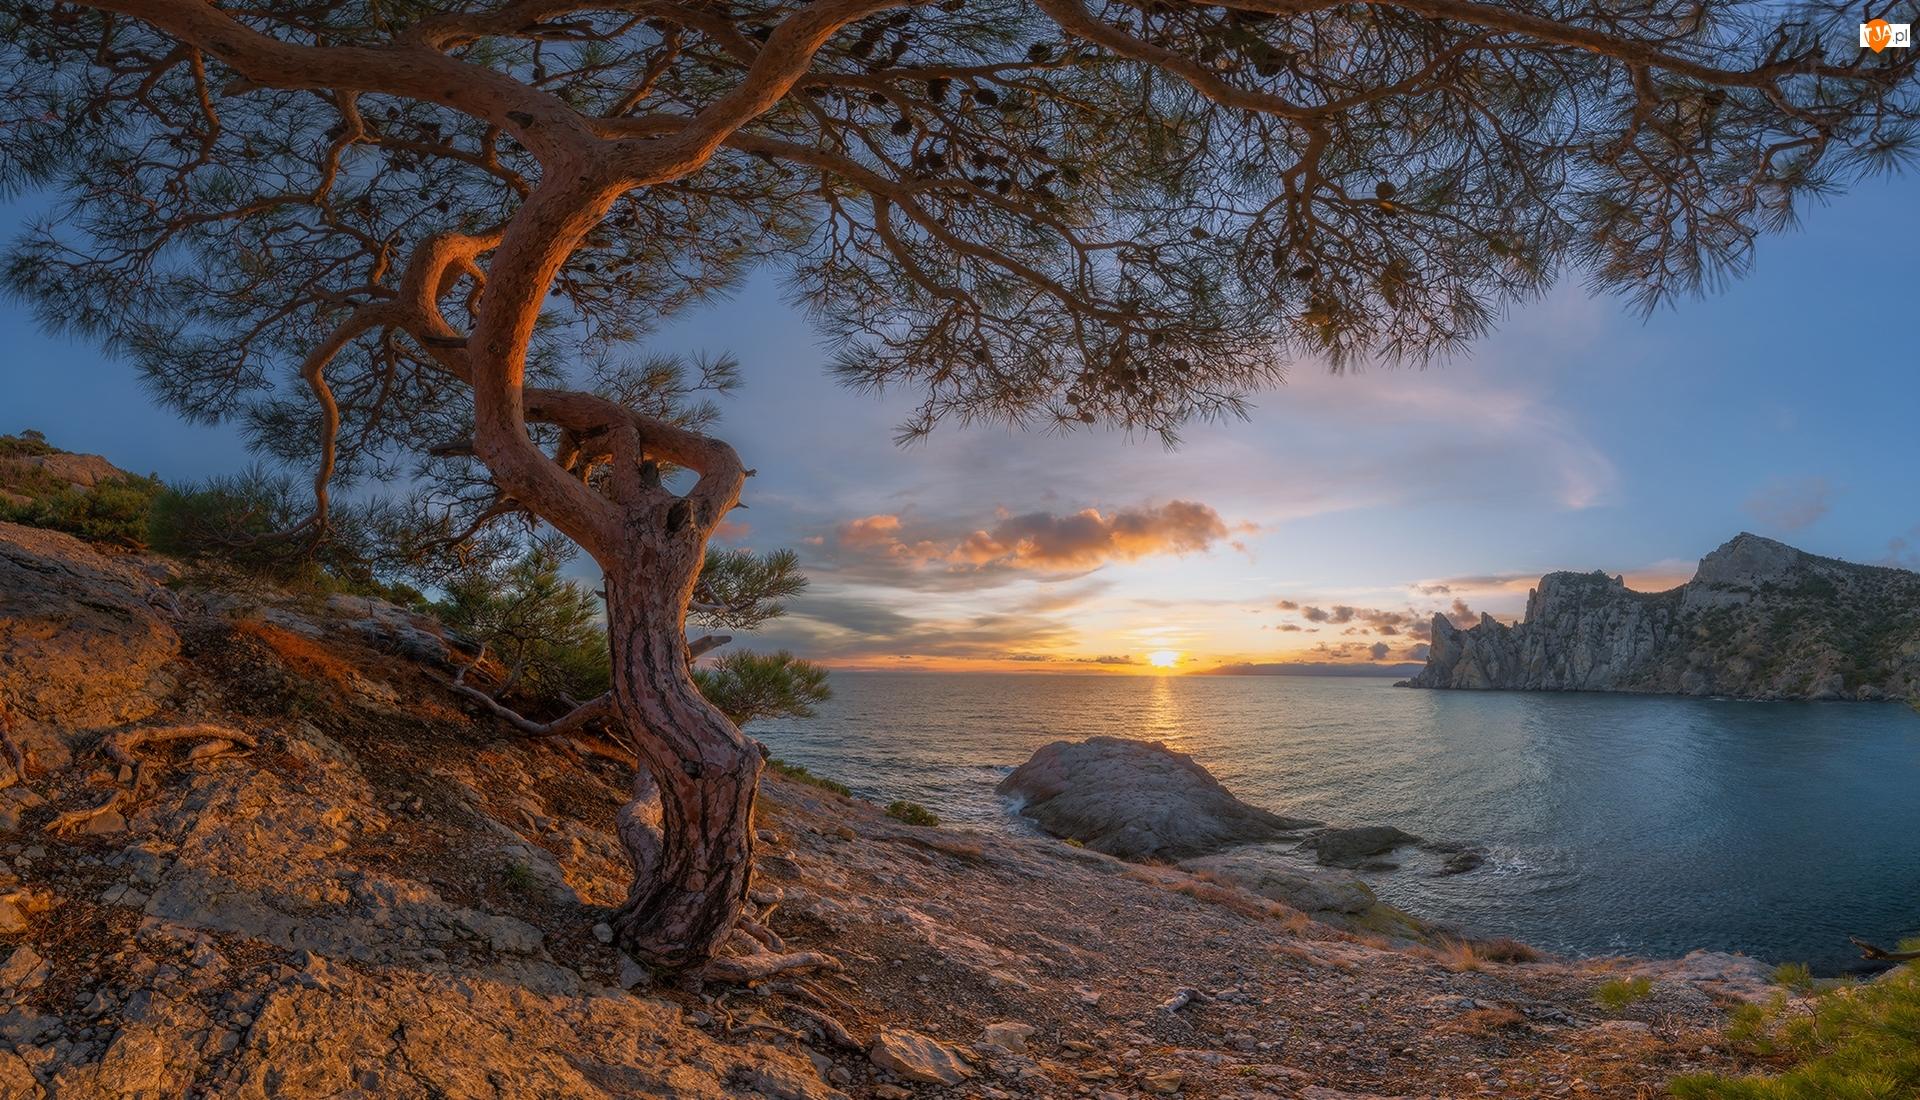 Drzewo, Morze Czarne, Wybrzeże, Sosna, Wschód słońca, Skały, Krym, Chmury